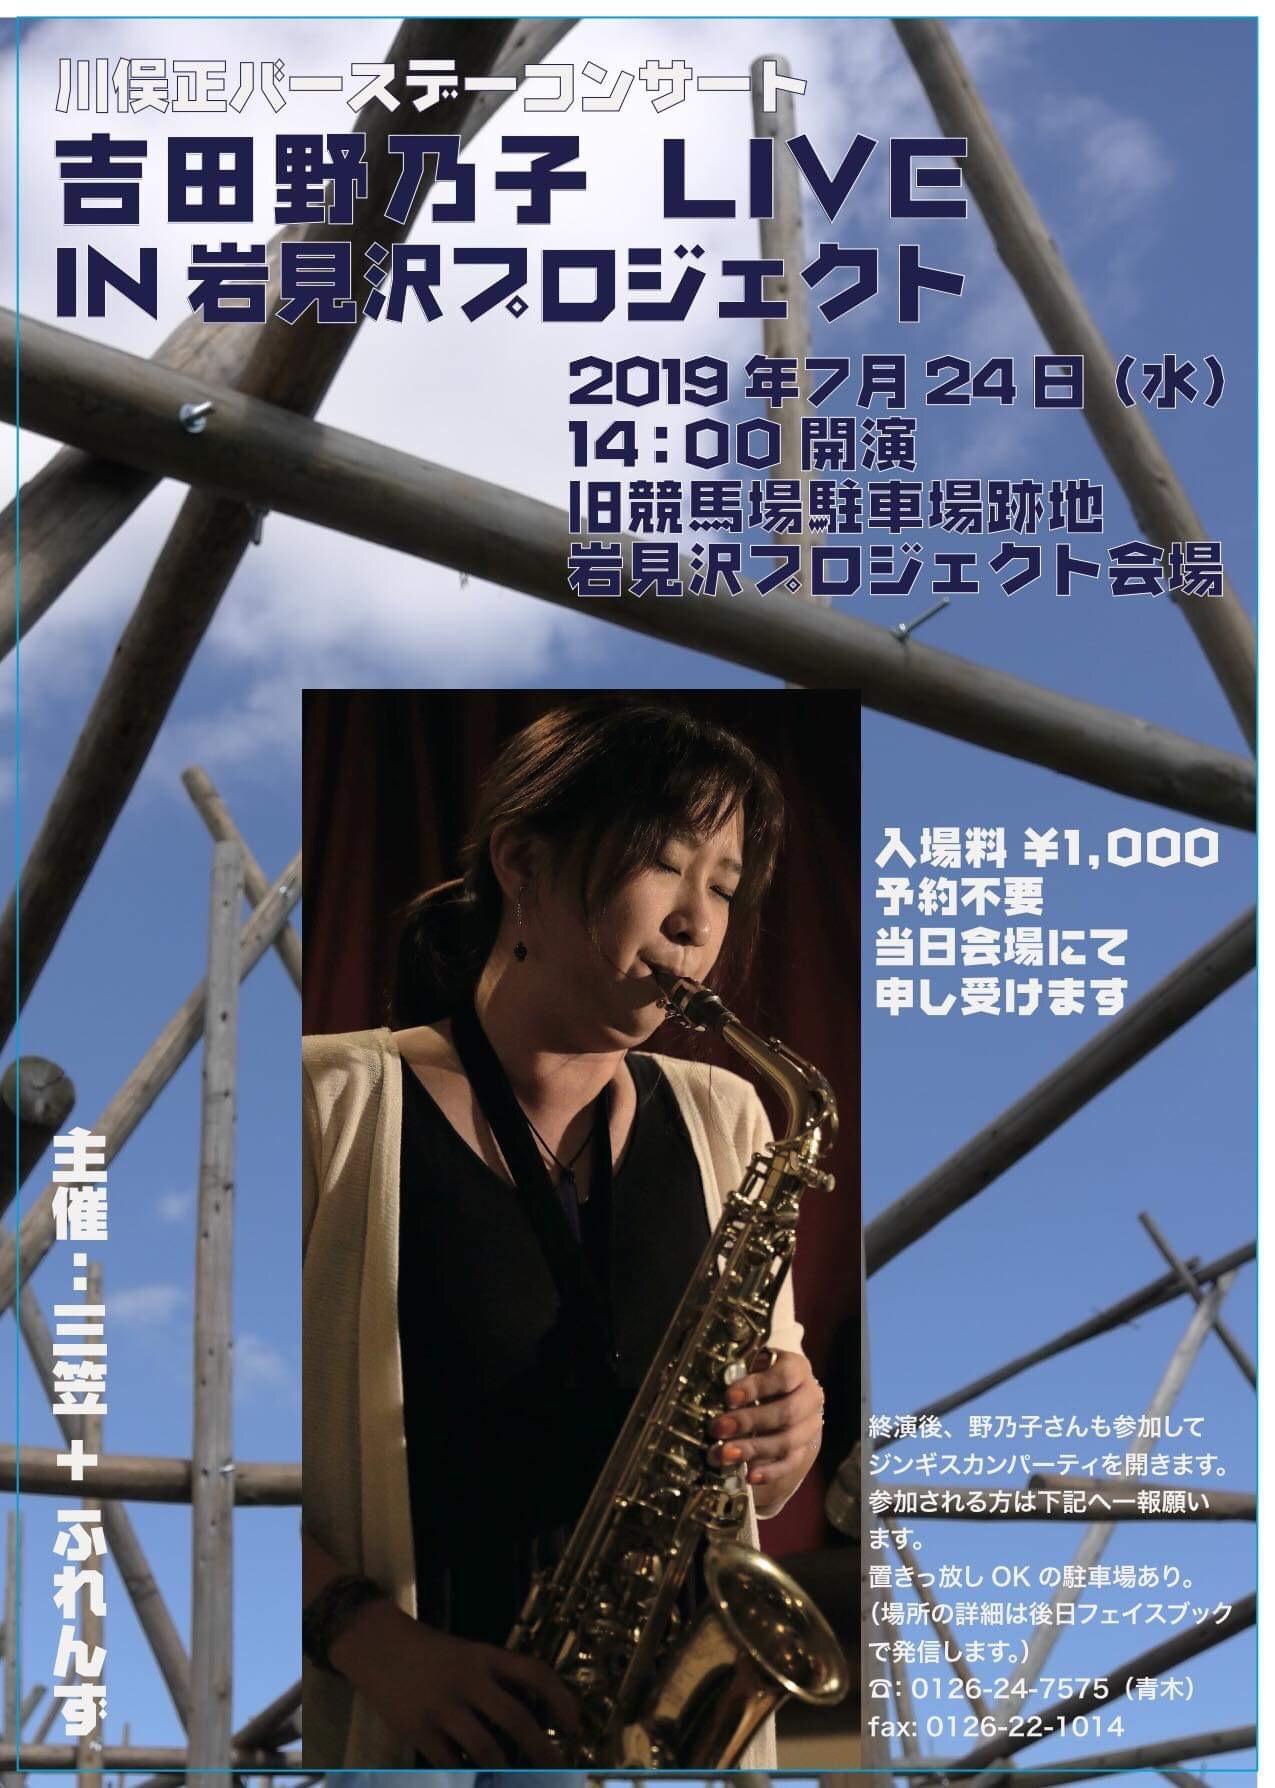 石蔵コンサート/吉田野乃子_c0189970_09004520.jpg